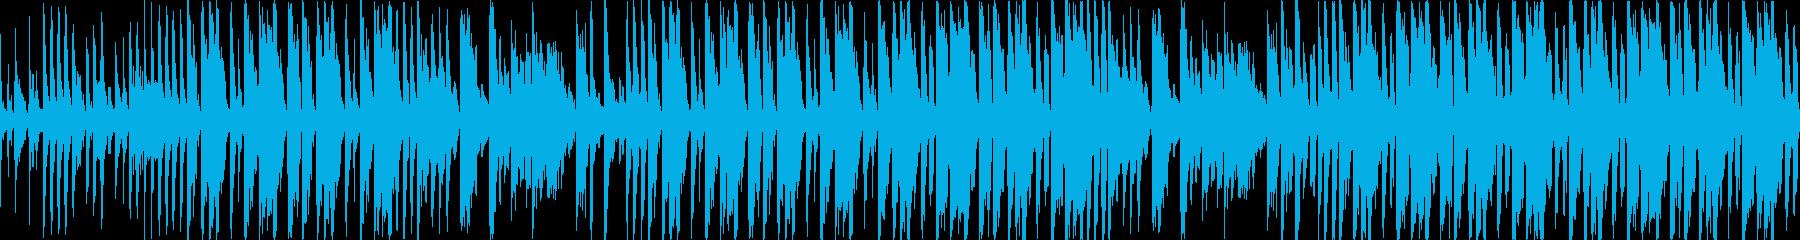 【30秒】ファンキーなブレイクビーツの再生済みの波形